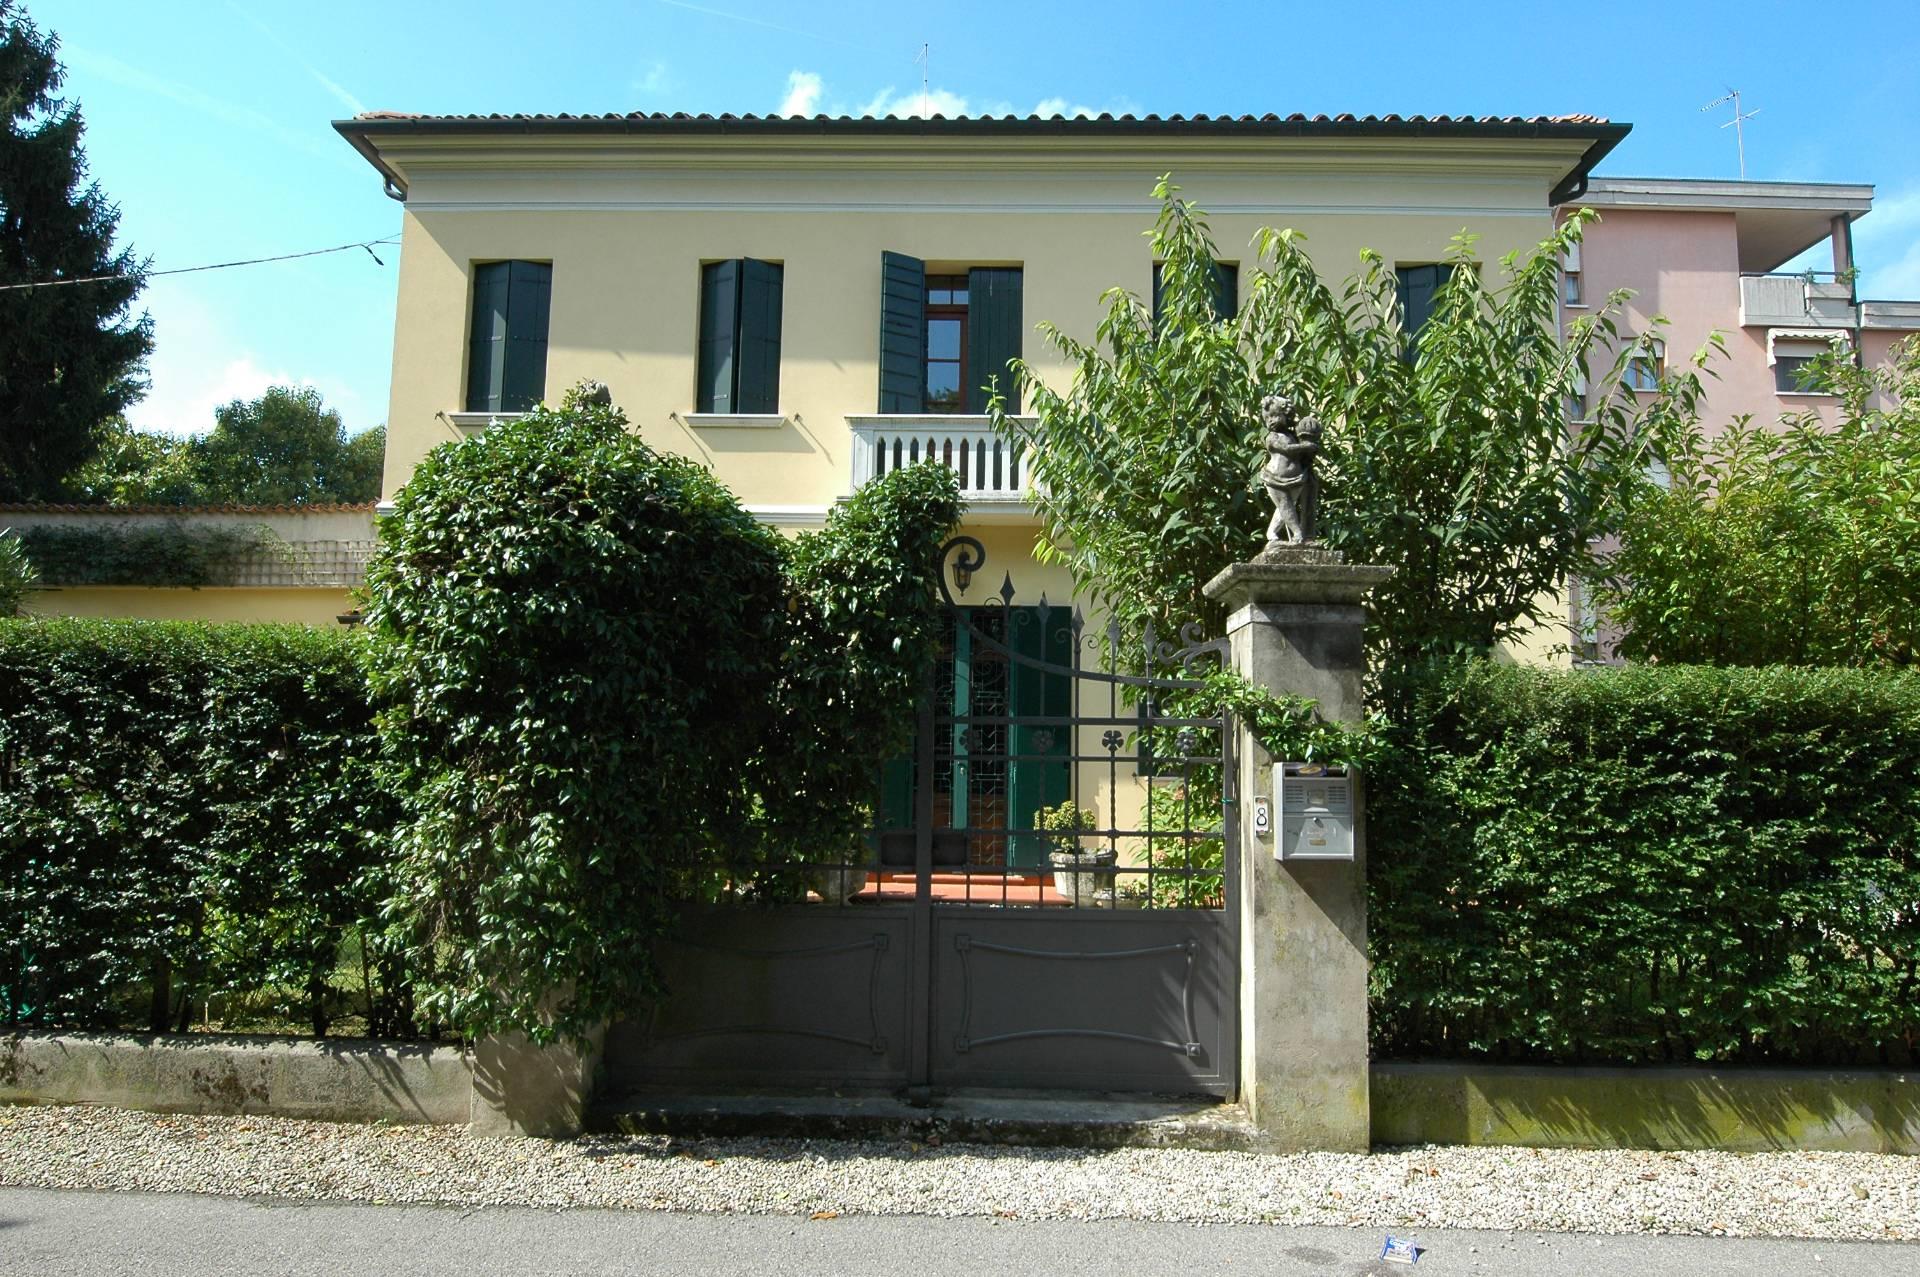 Villa con giardino privato a mogliano veneto - Casa mogliano veneto ...